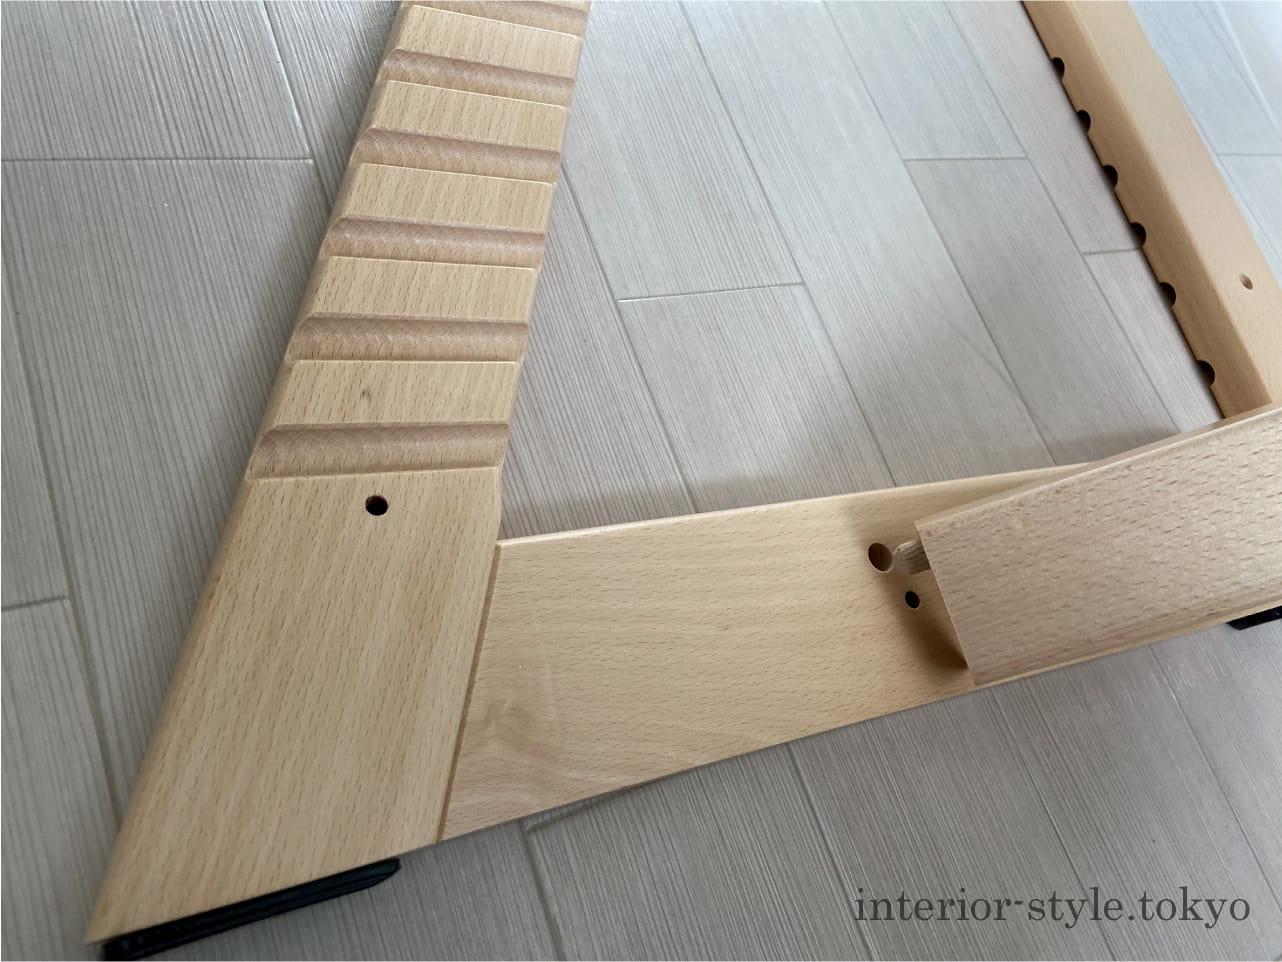 トリップトラップのL字板と横木